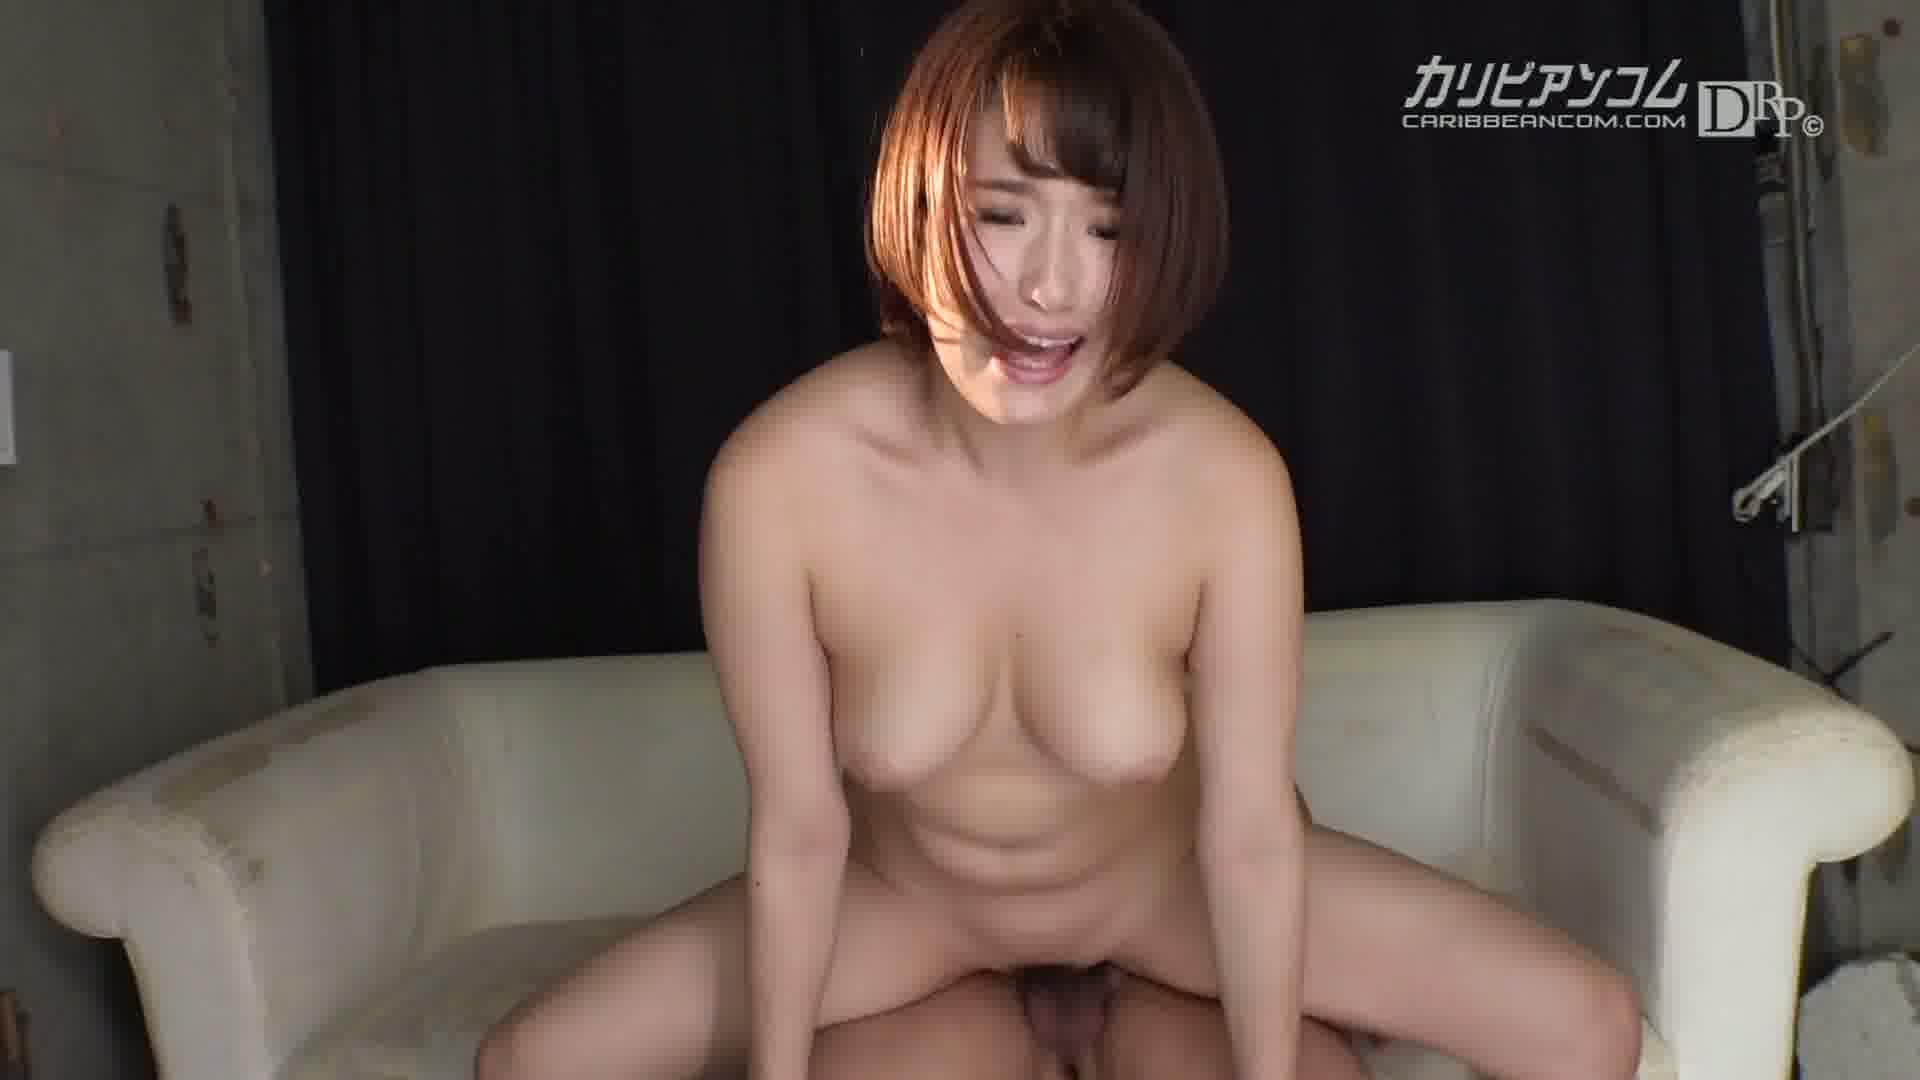 鬼イキトランス 21 - 成宮はるあ【美乳・中出し・クンニ】